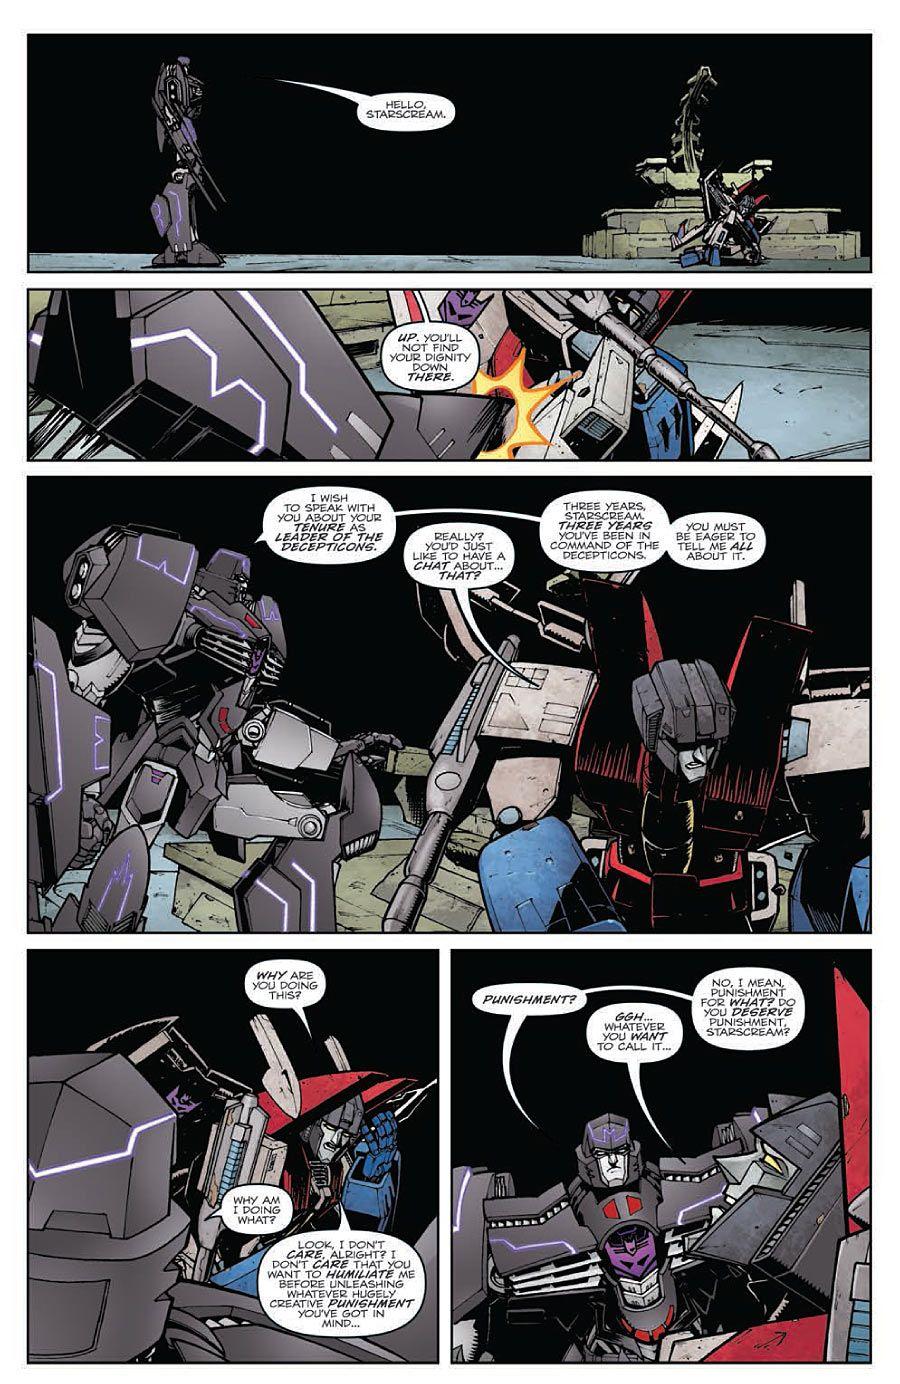 Teenage Mutant Ninja Turtles #18 | CBR